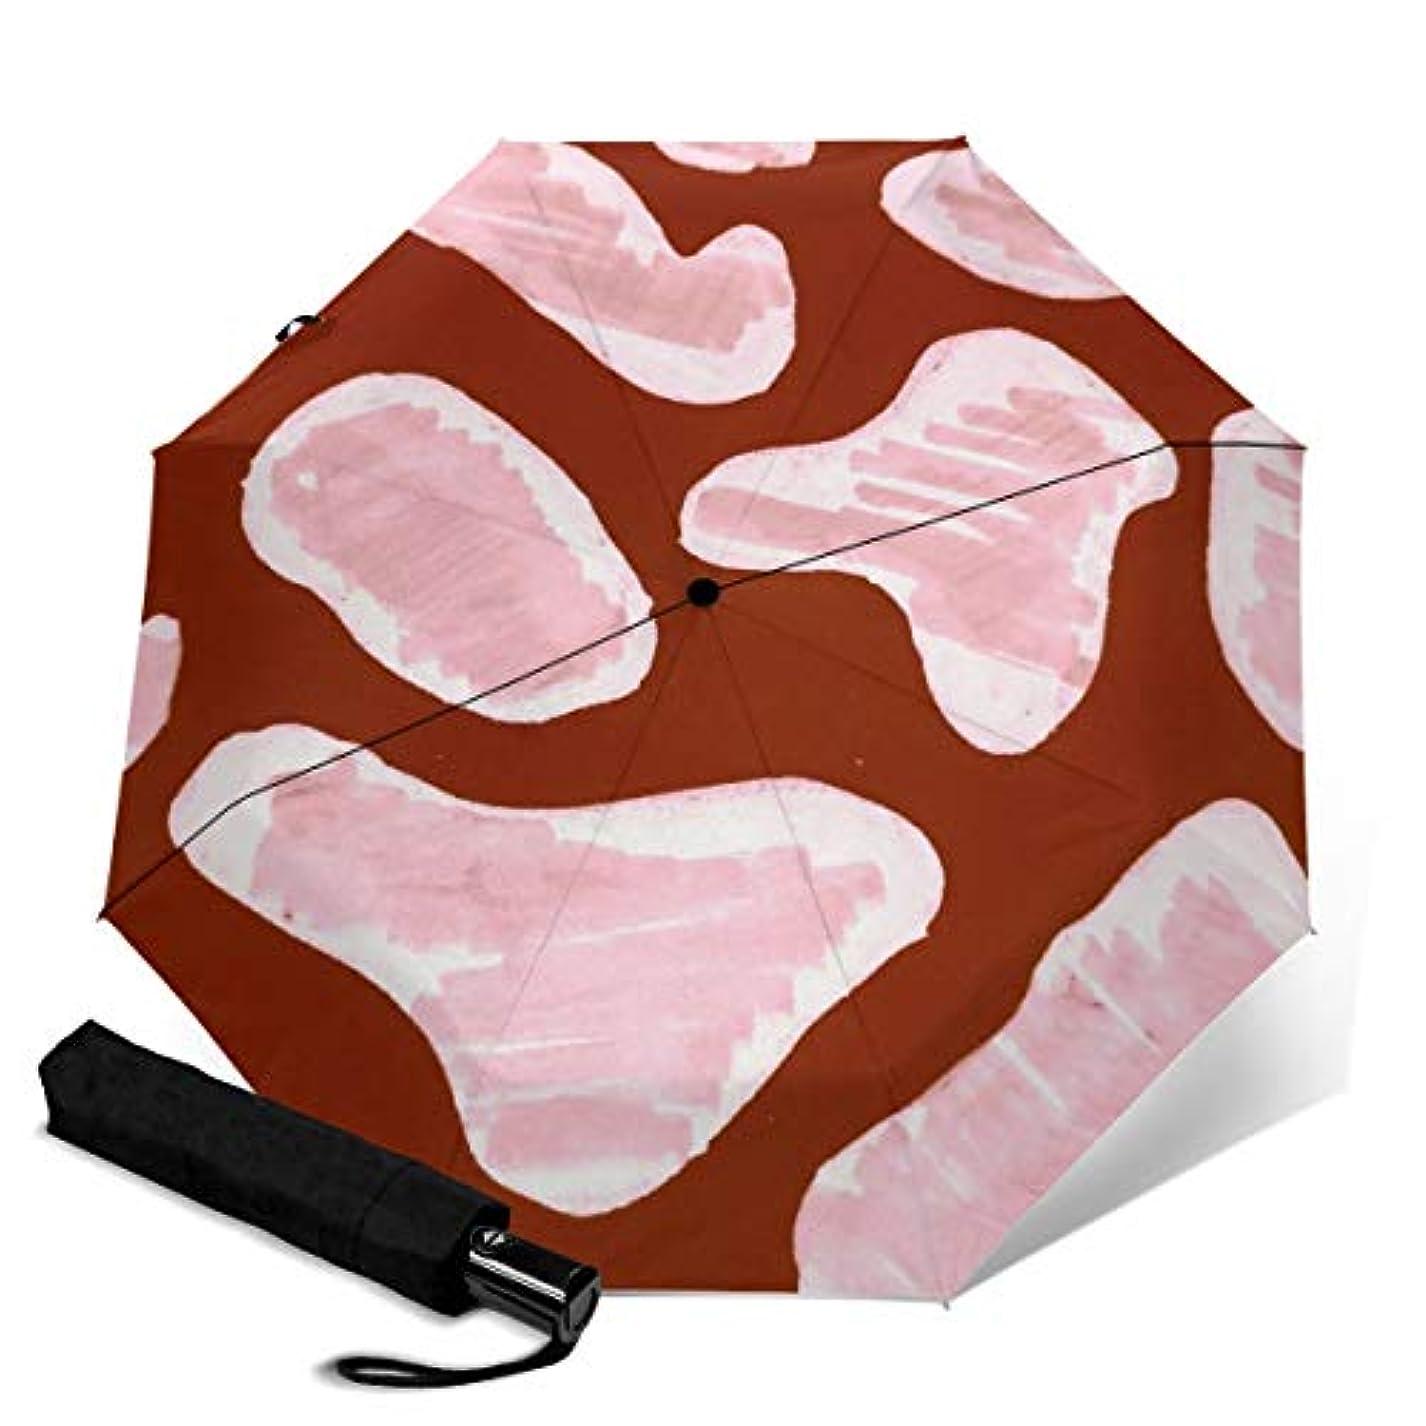 銃静けさムス(プタス)Putars メイクブラシ メイクブラシセット 4本セット 17-18cm アイメイク 化粧ブラシ ふわふわ お肌に優しい 毛量たっぷり メイク道具 プレゼント